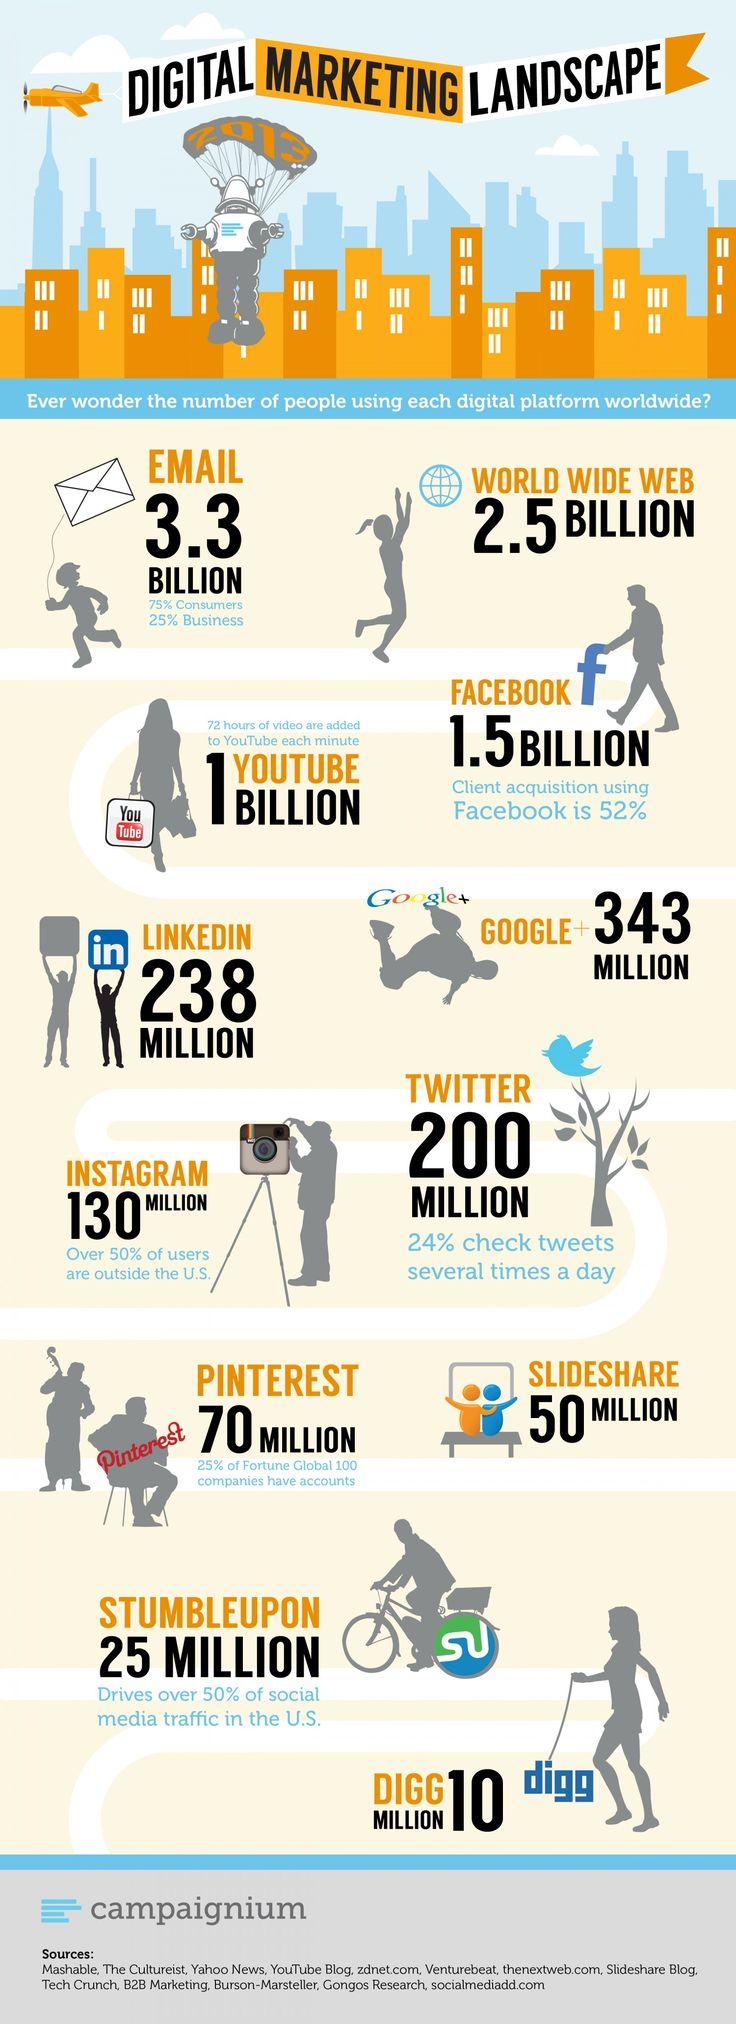 Digital Marketing Landscape Infographic #digital #marketing | Propel Marketing